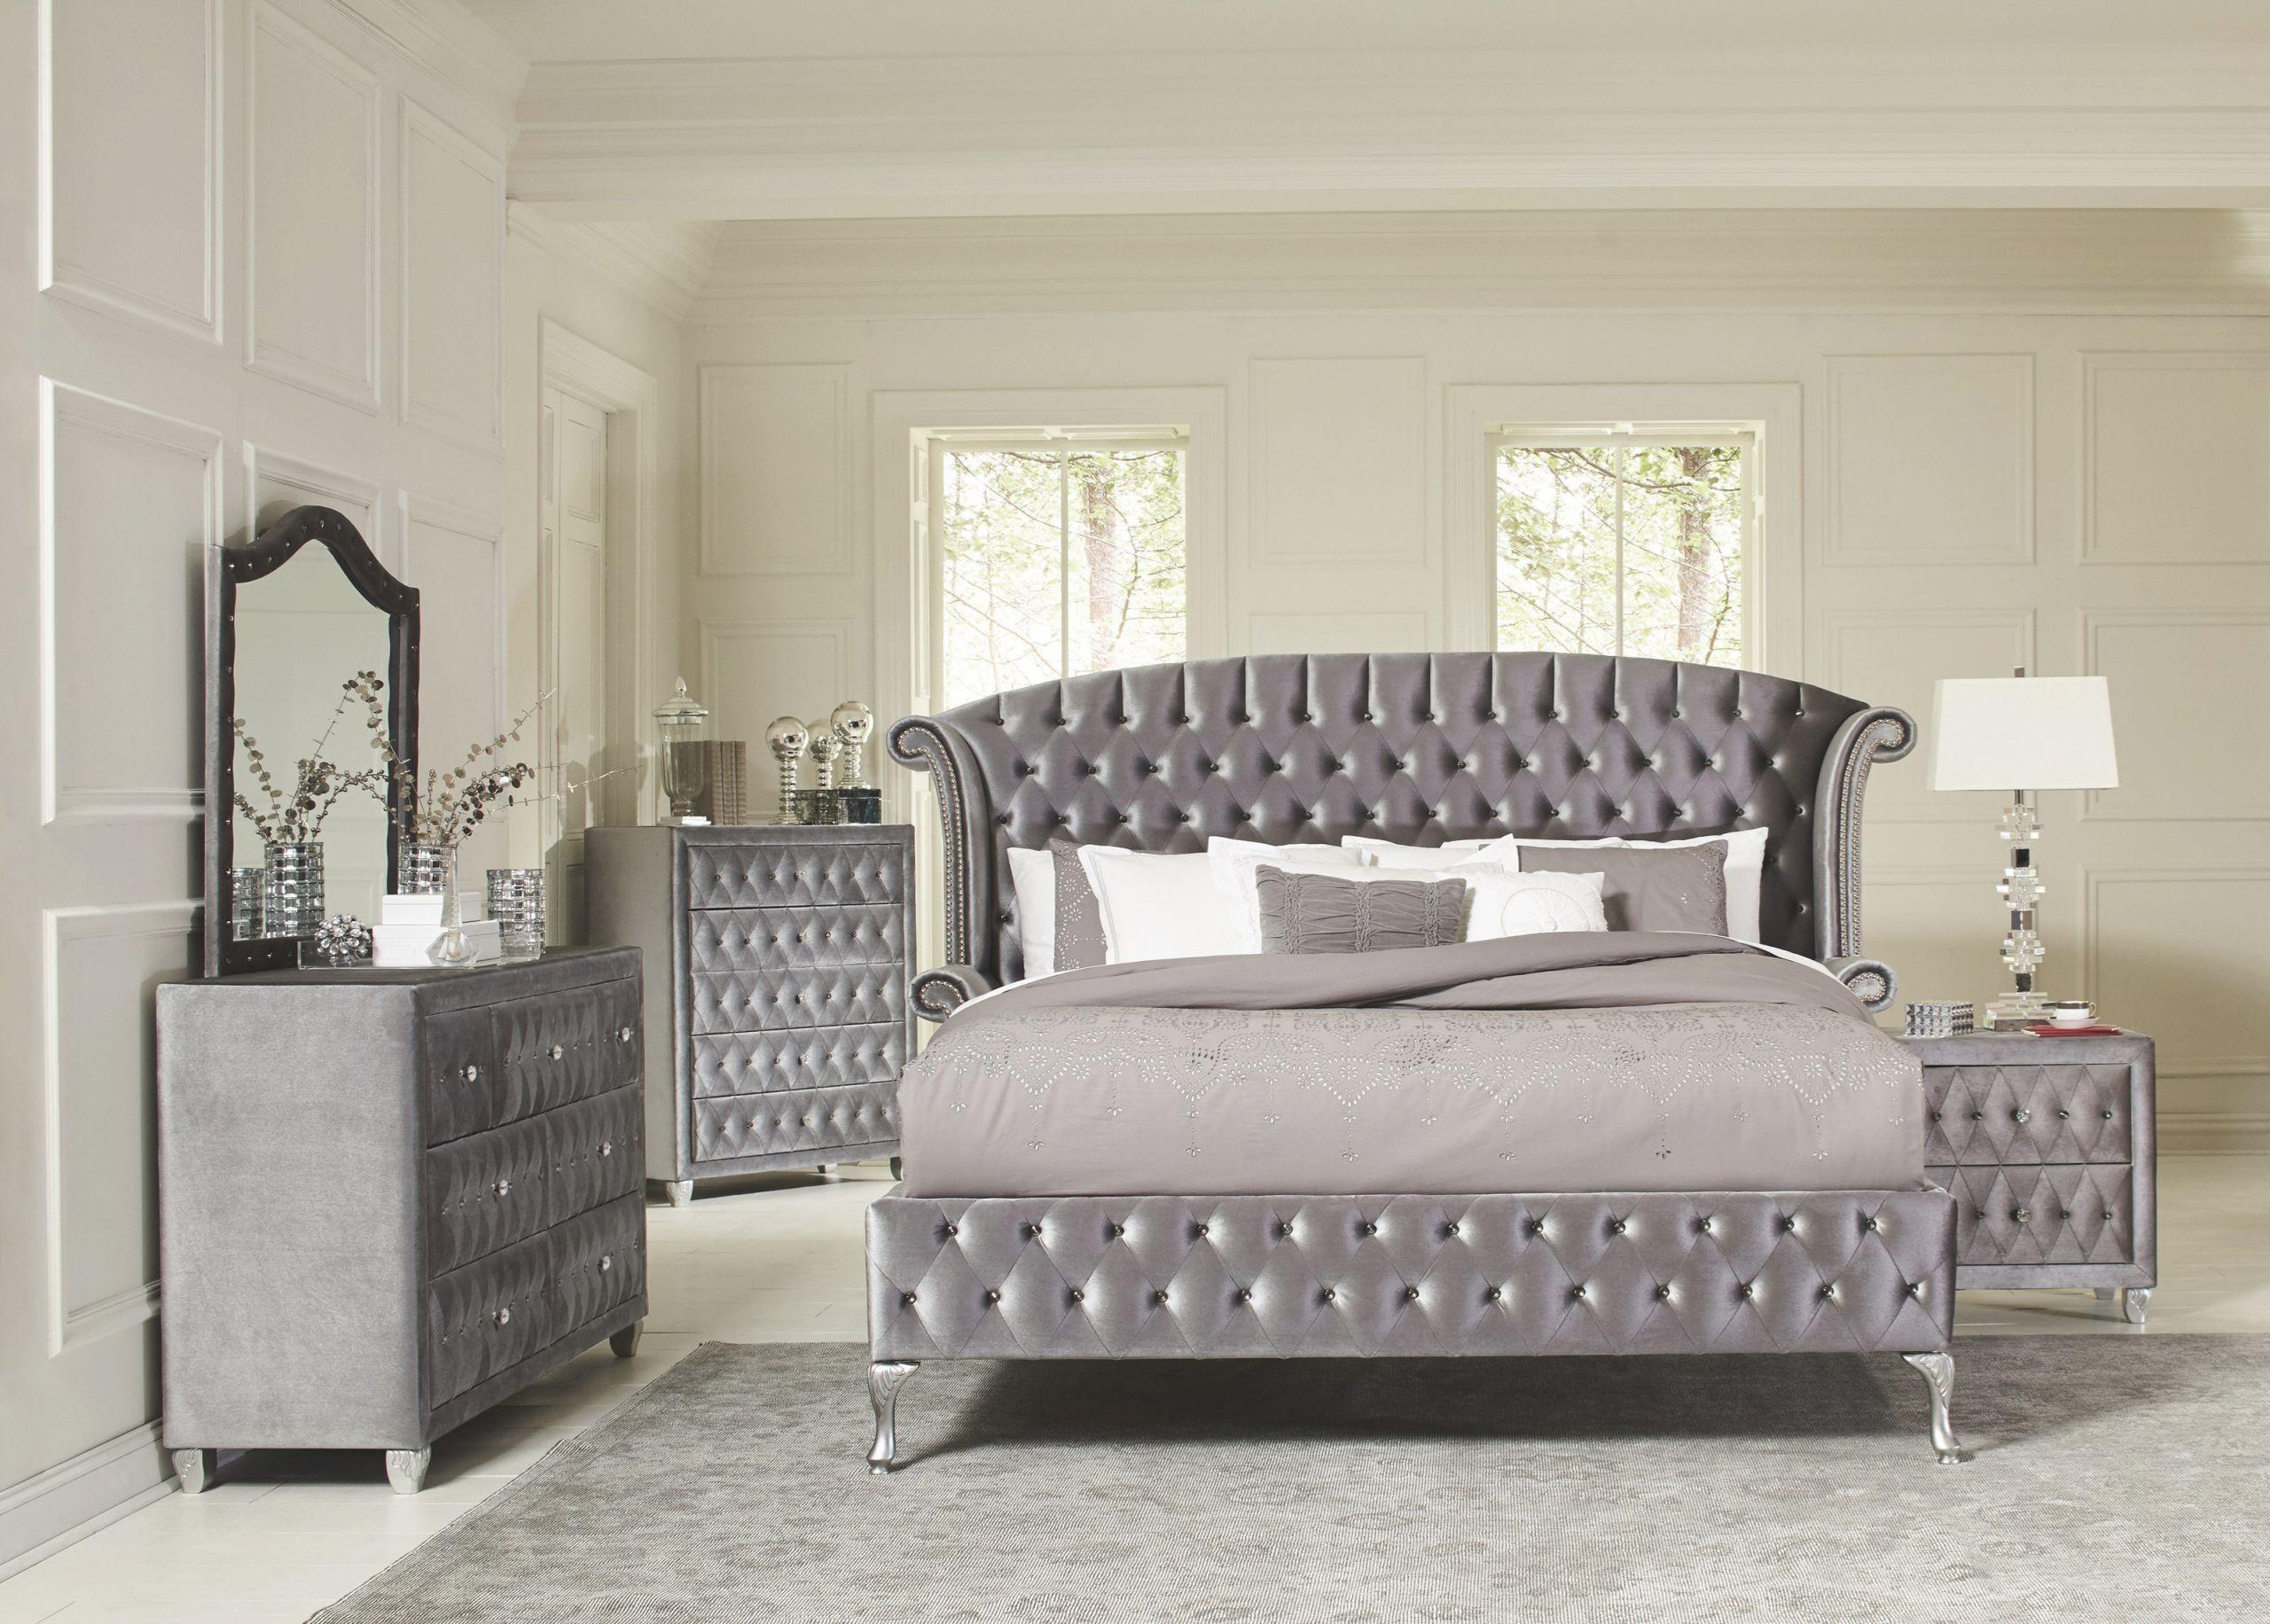 Coaster Furniture Deanna 4-Piece Upholstered Platform Bedroom Set In Grey regarding Bedroom Set Grey